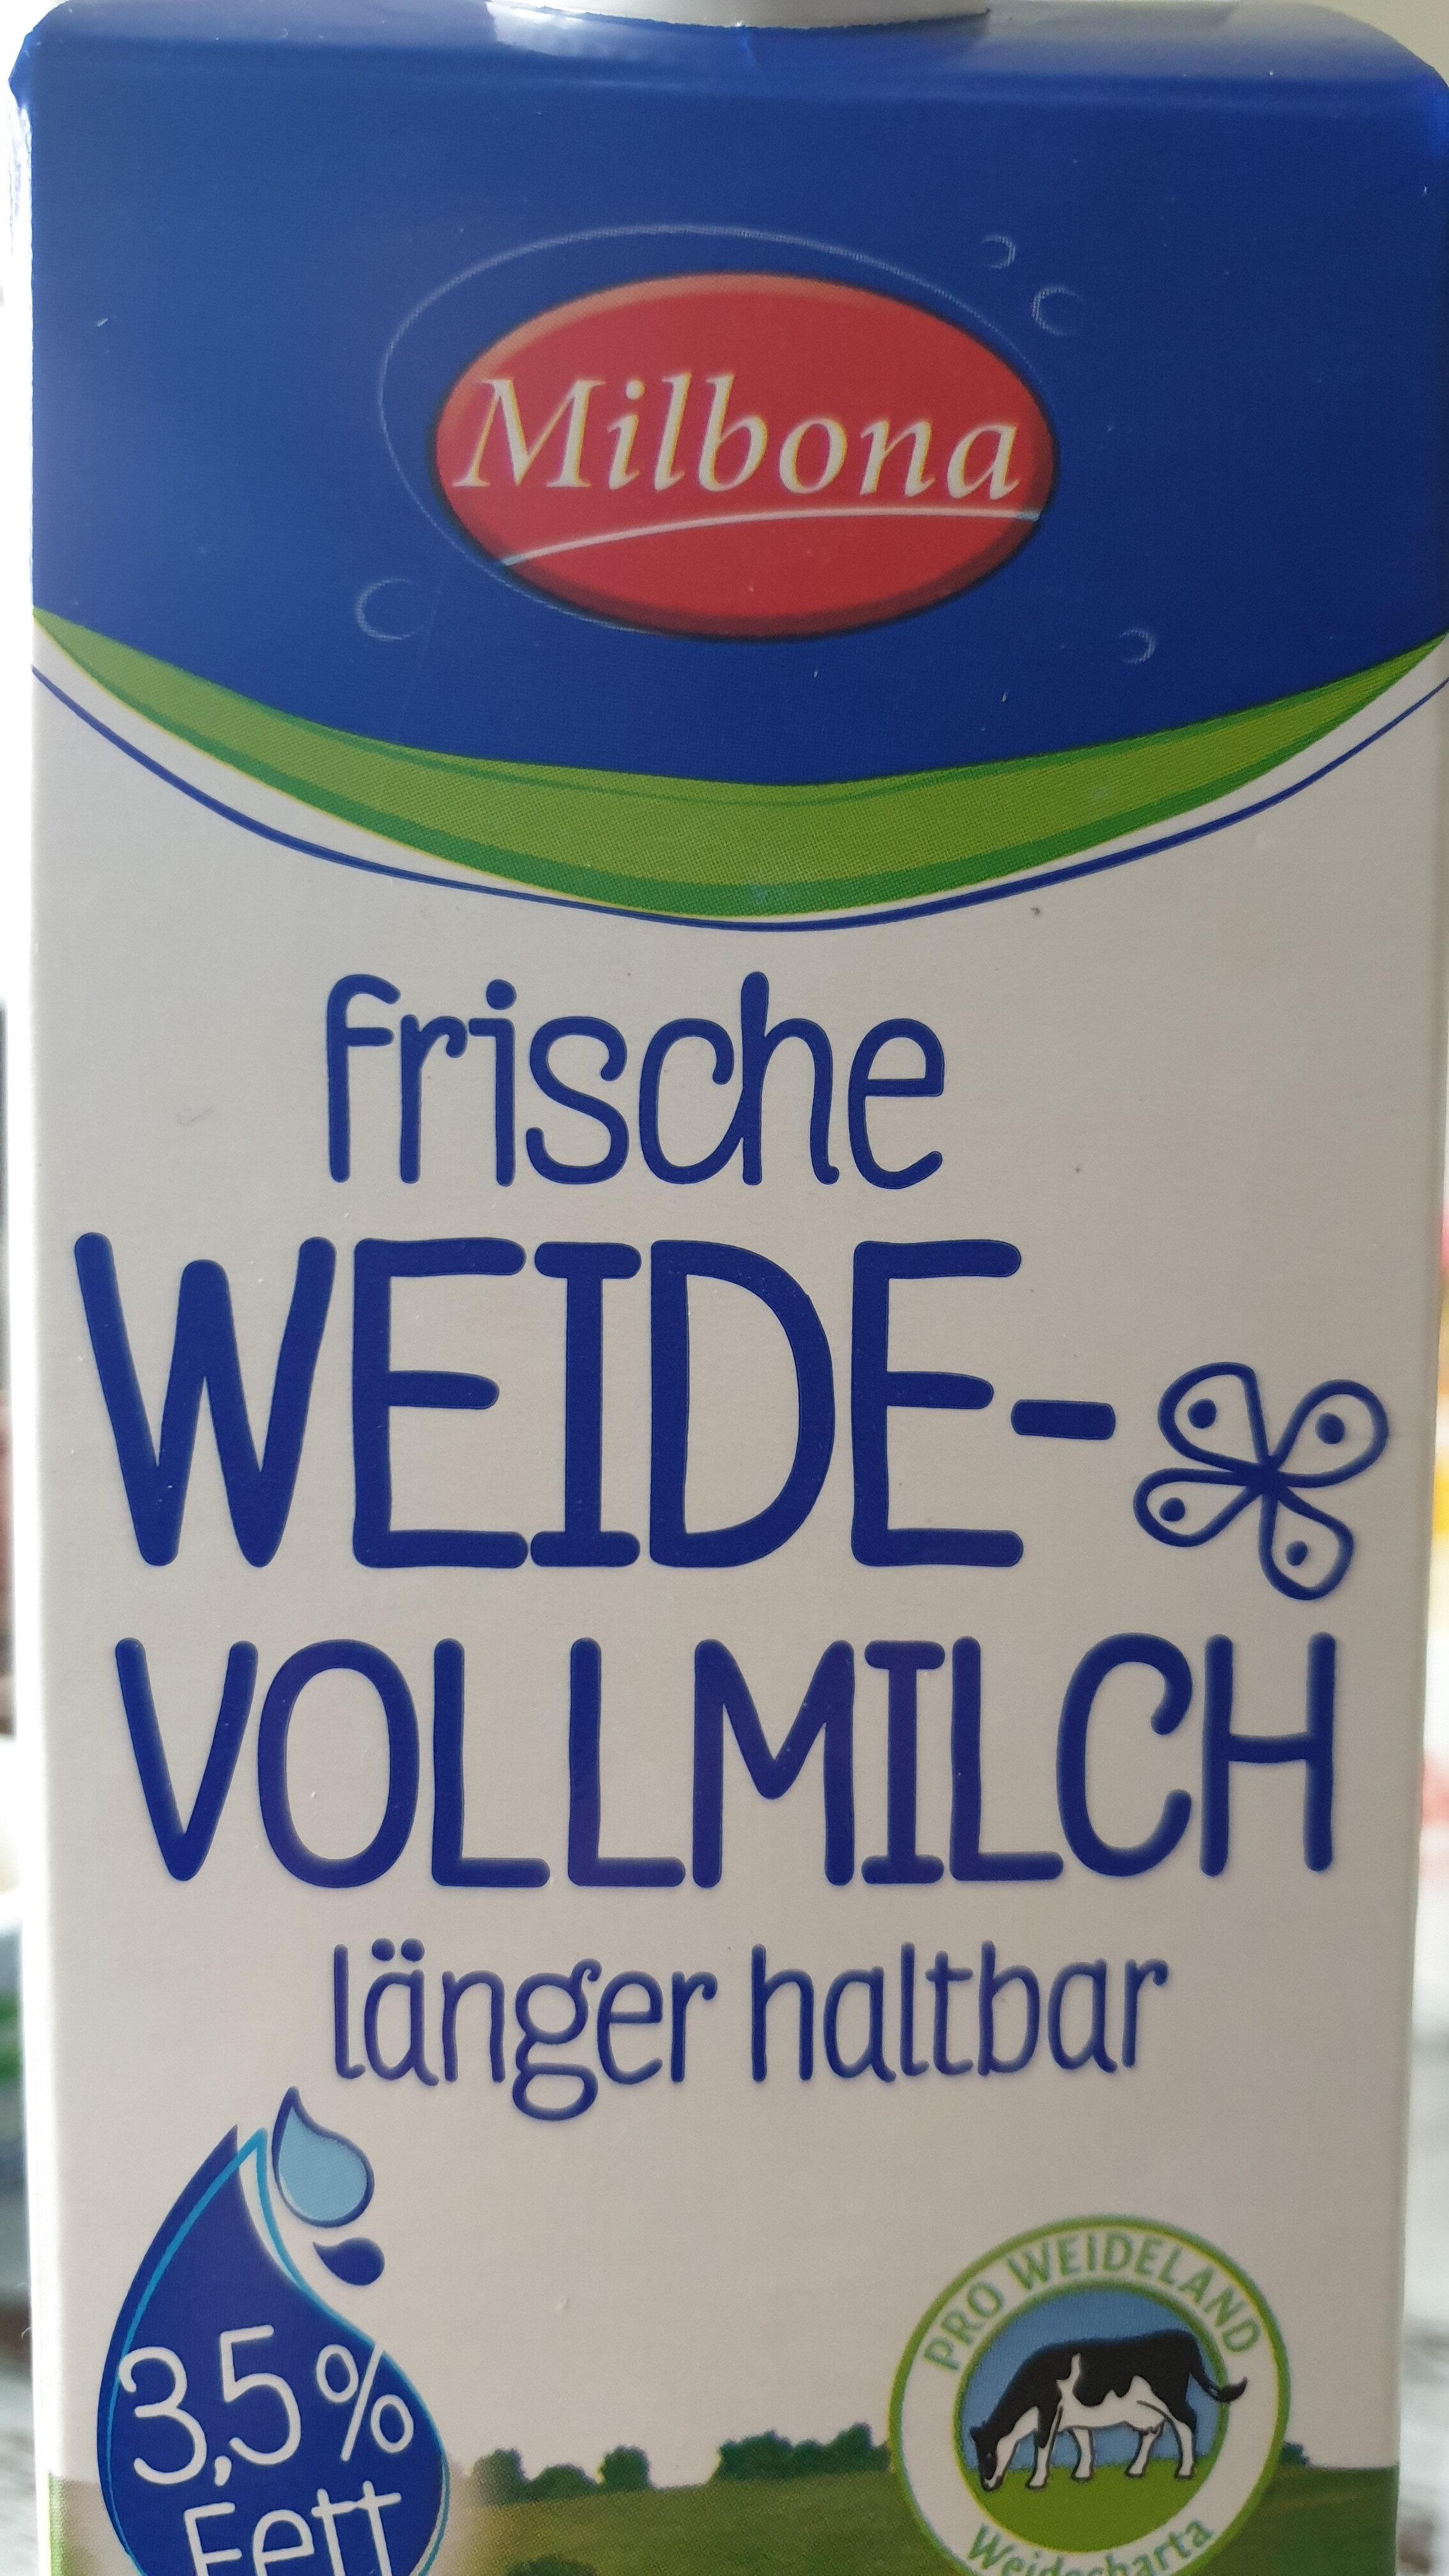 Frische Weide-Vollmilch - Produkt